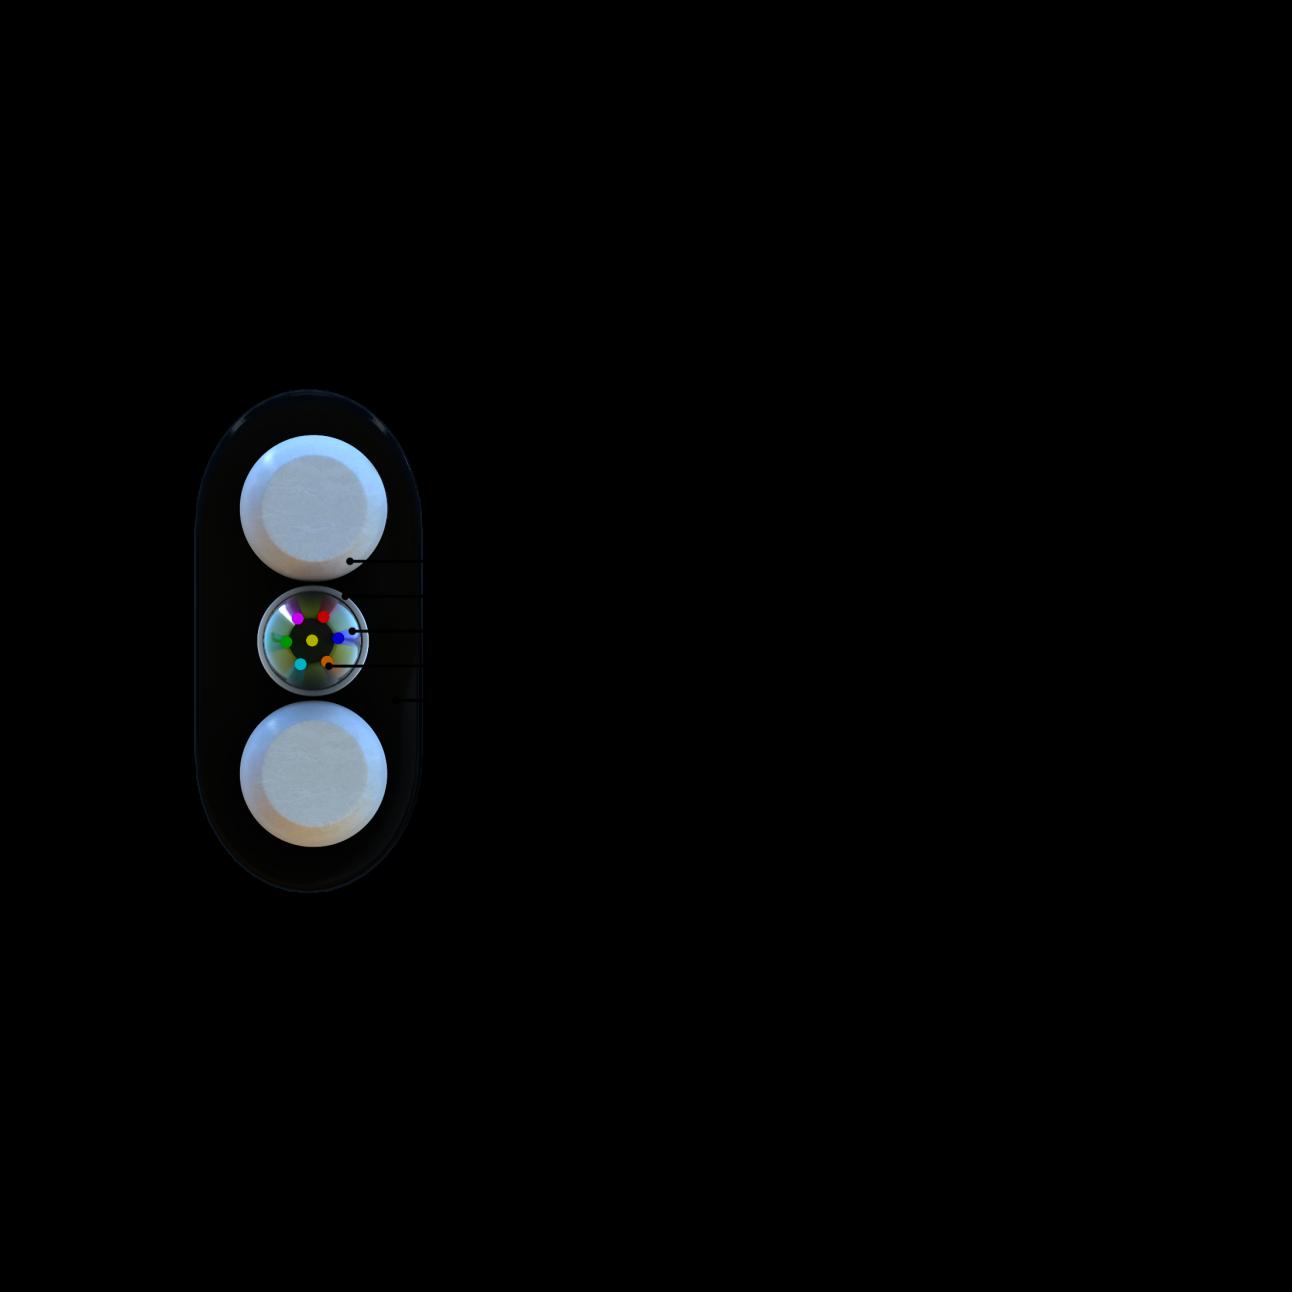 Кабель оптический СЛ-ОКПЦ-Д2-4Е2-1,5